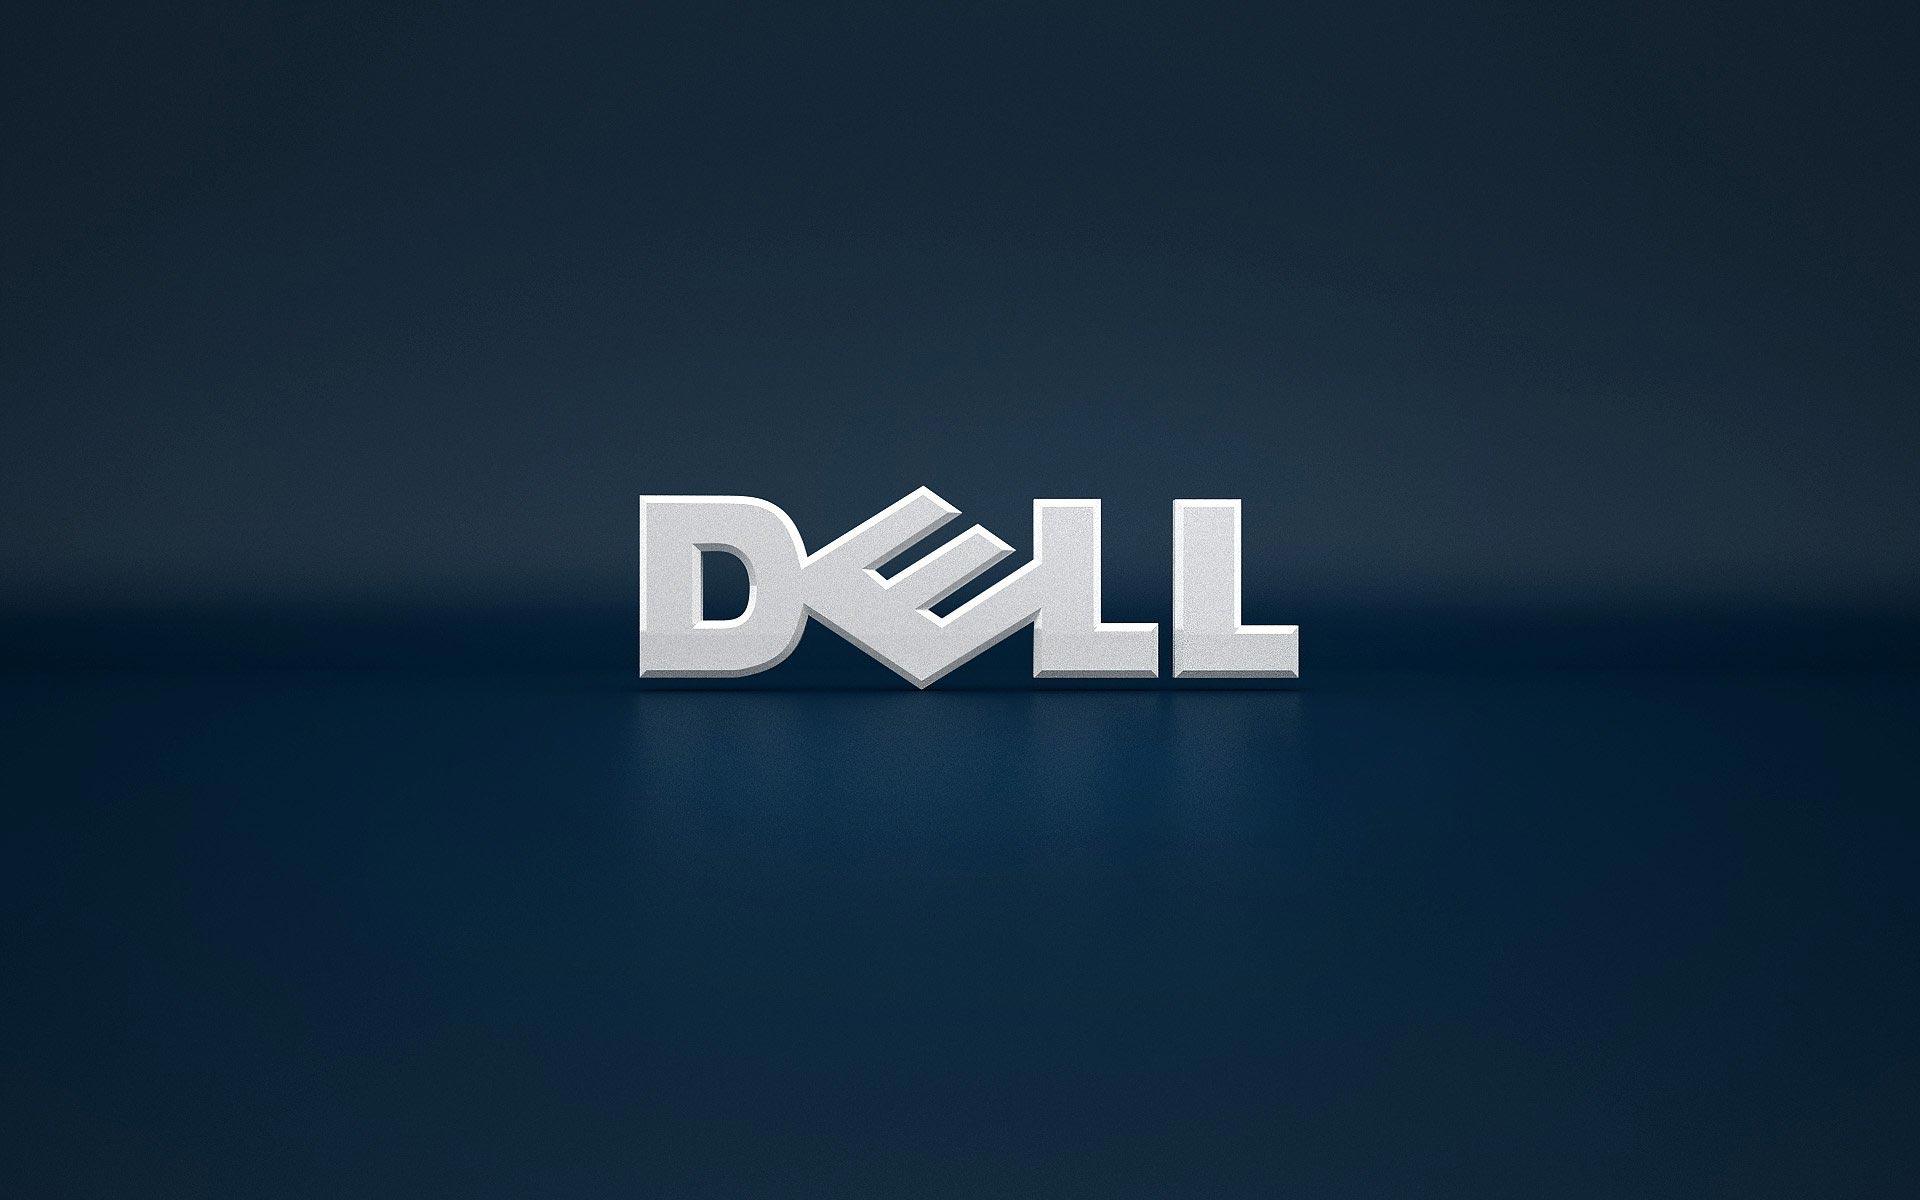 DELL_logo-1